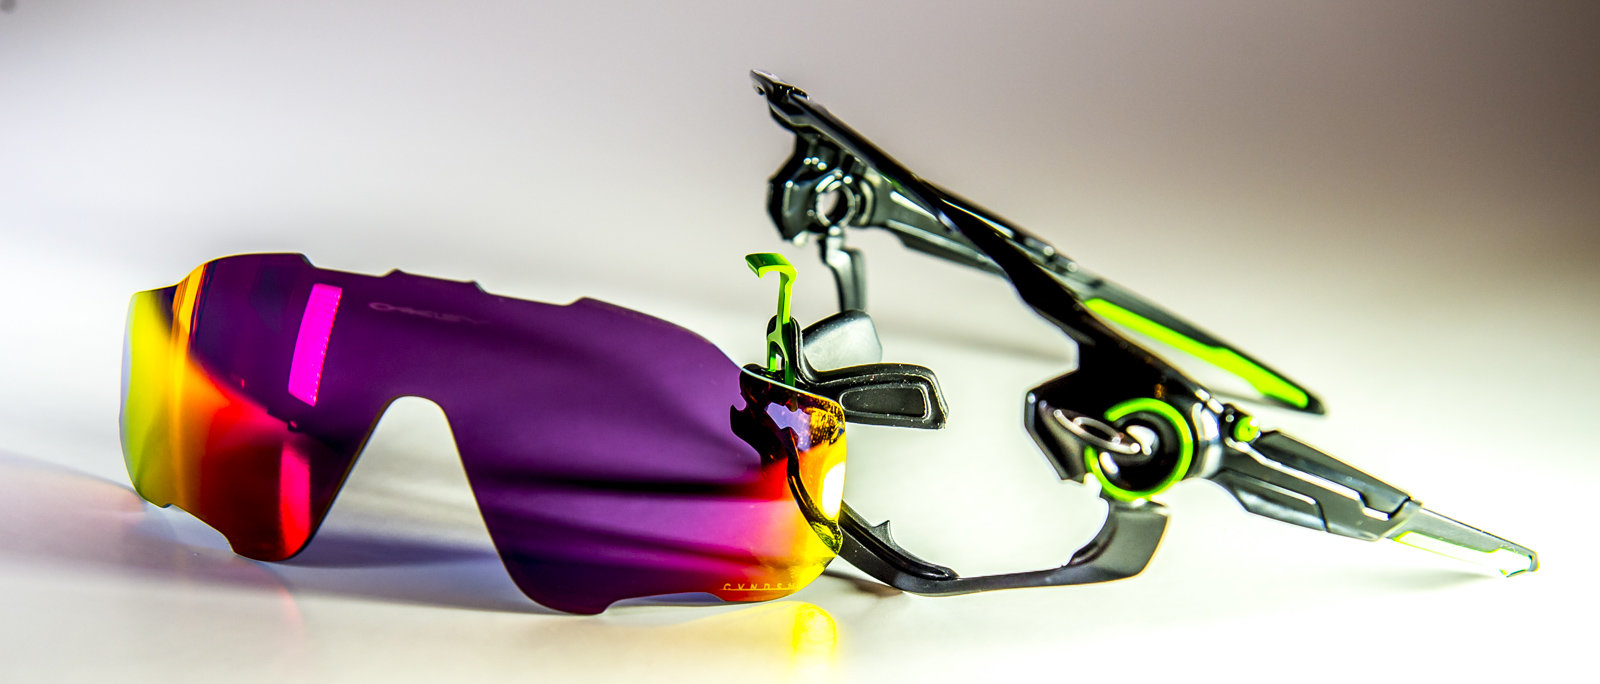 Oakley Prototype Jawbreaker open